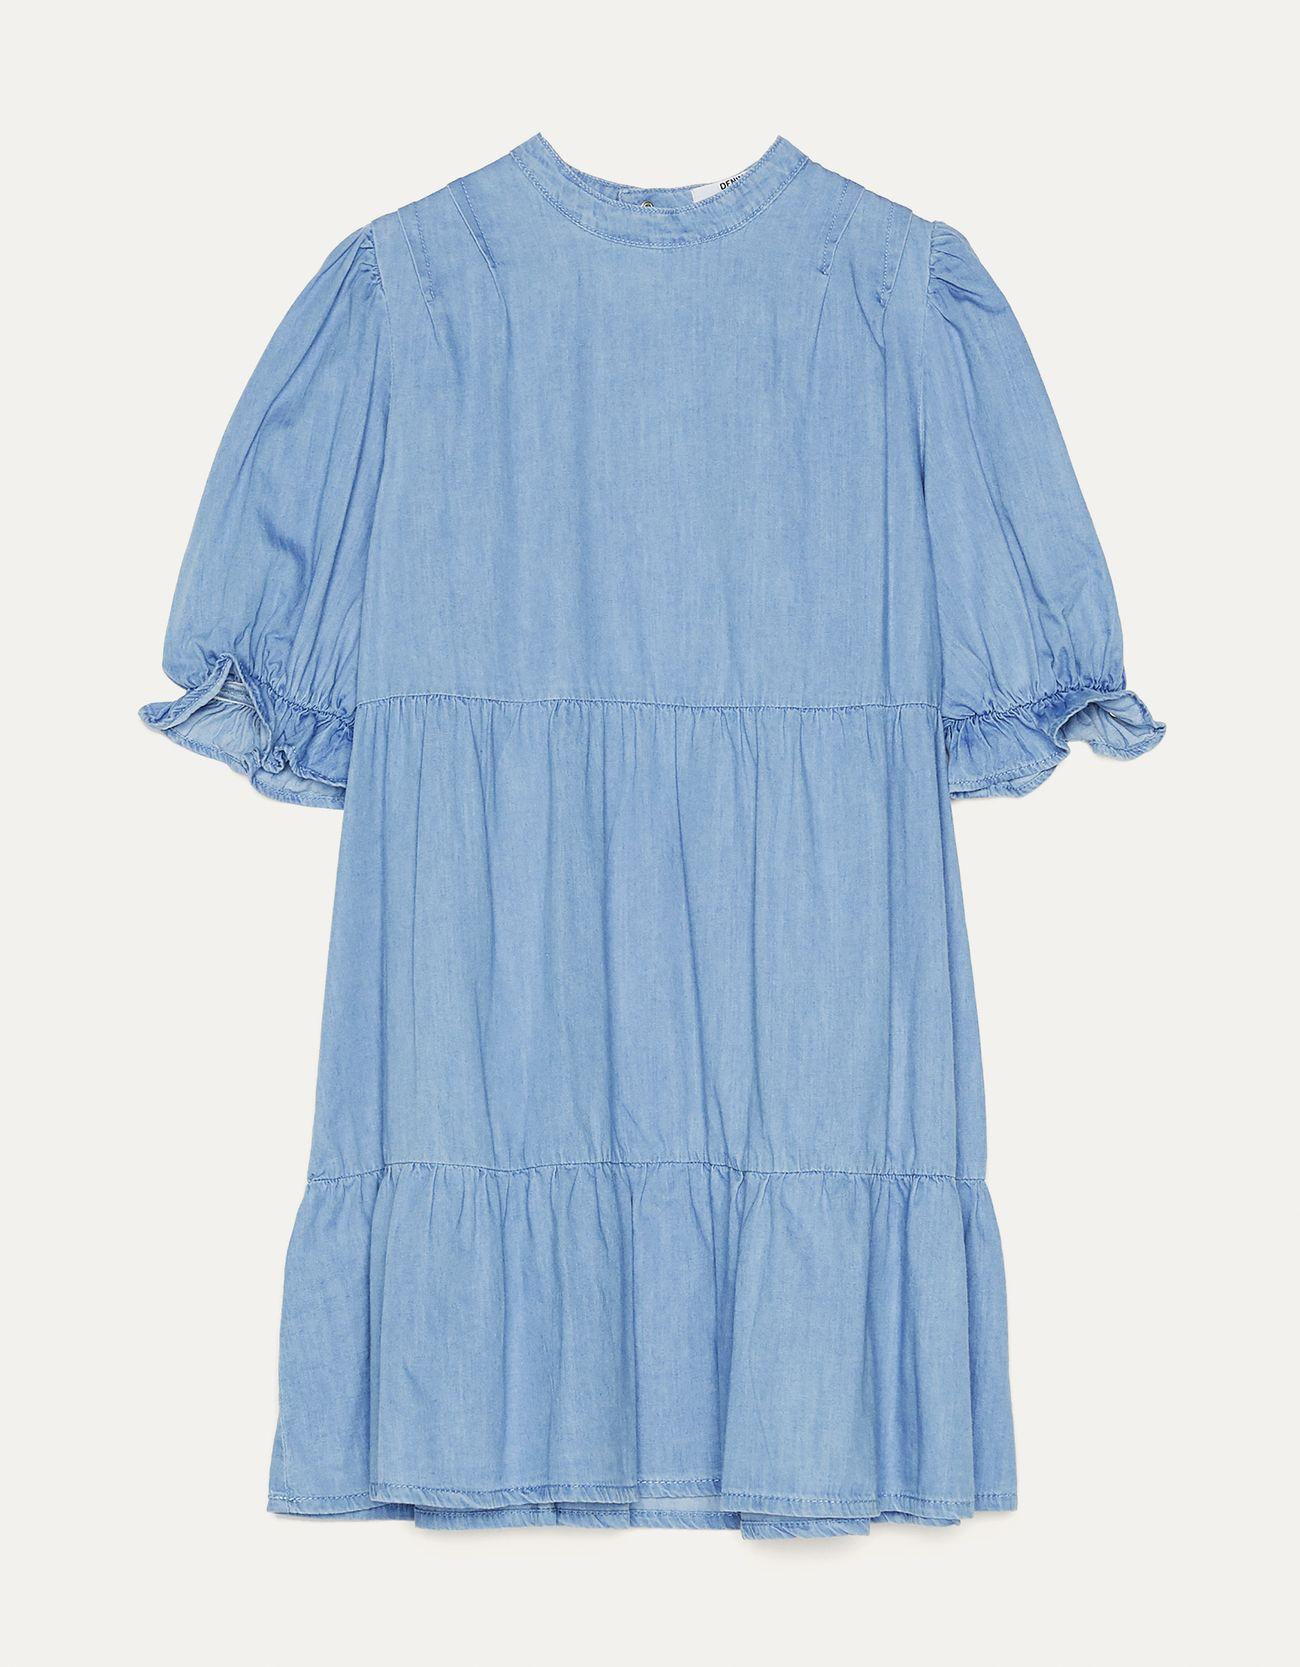 Джинсовое платье объемного кроя Синий застиранный Bershka